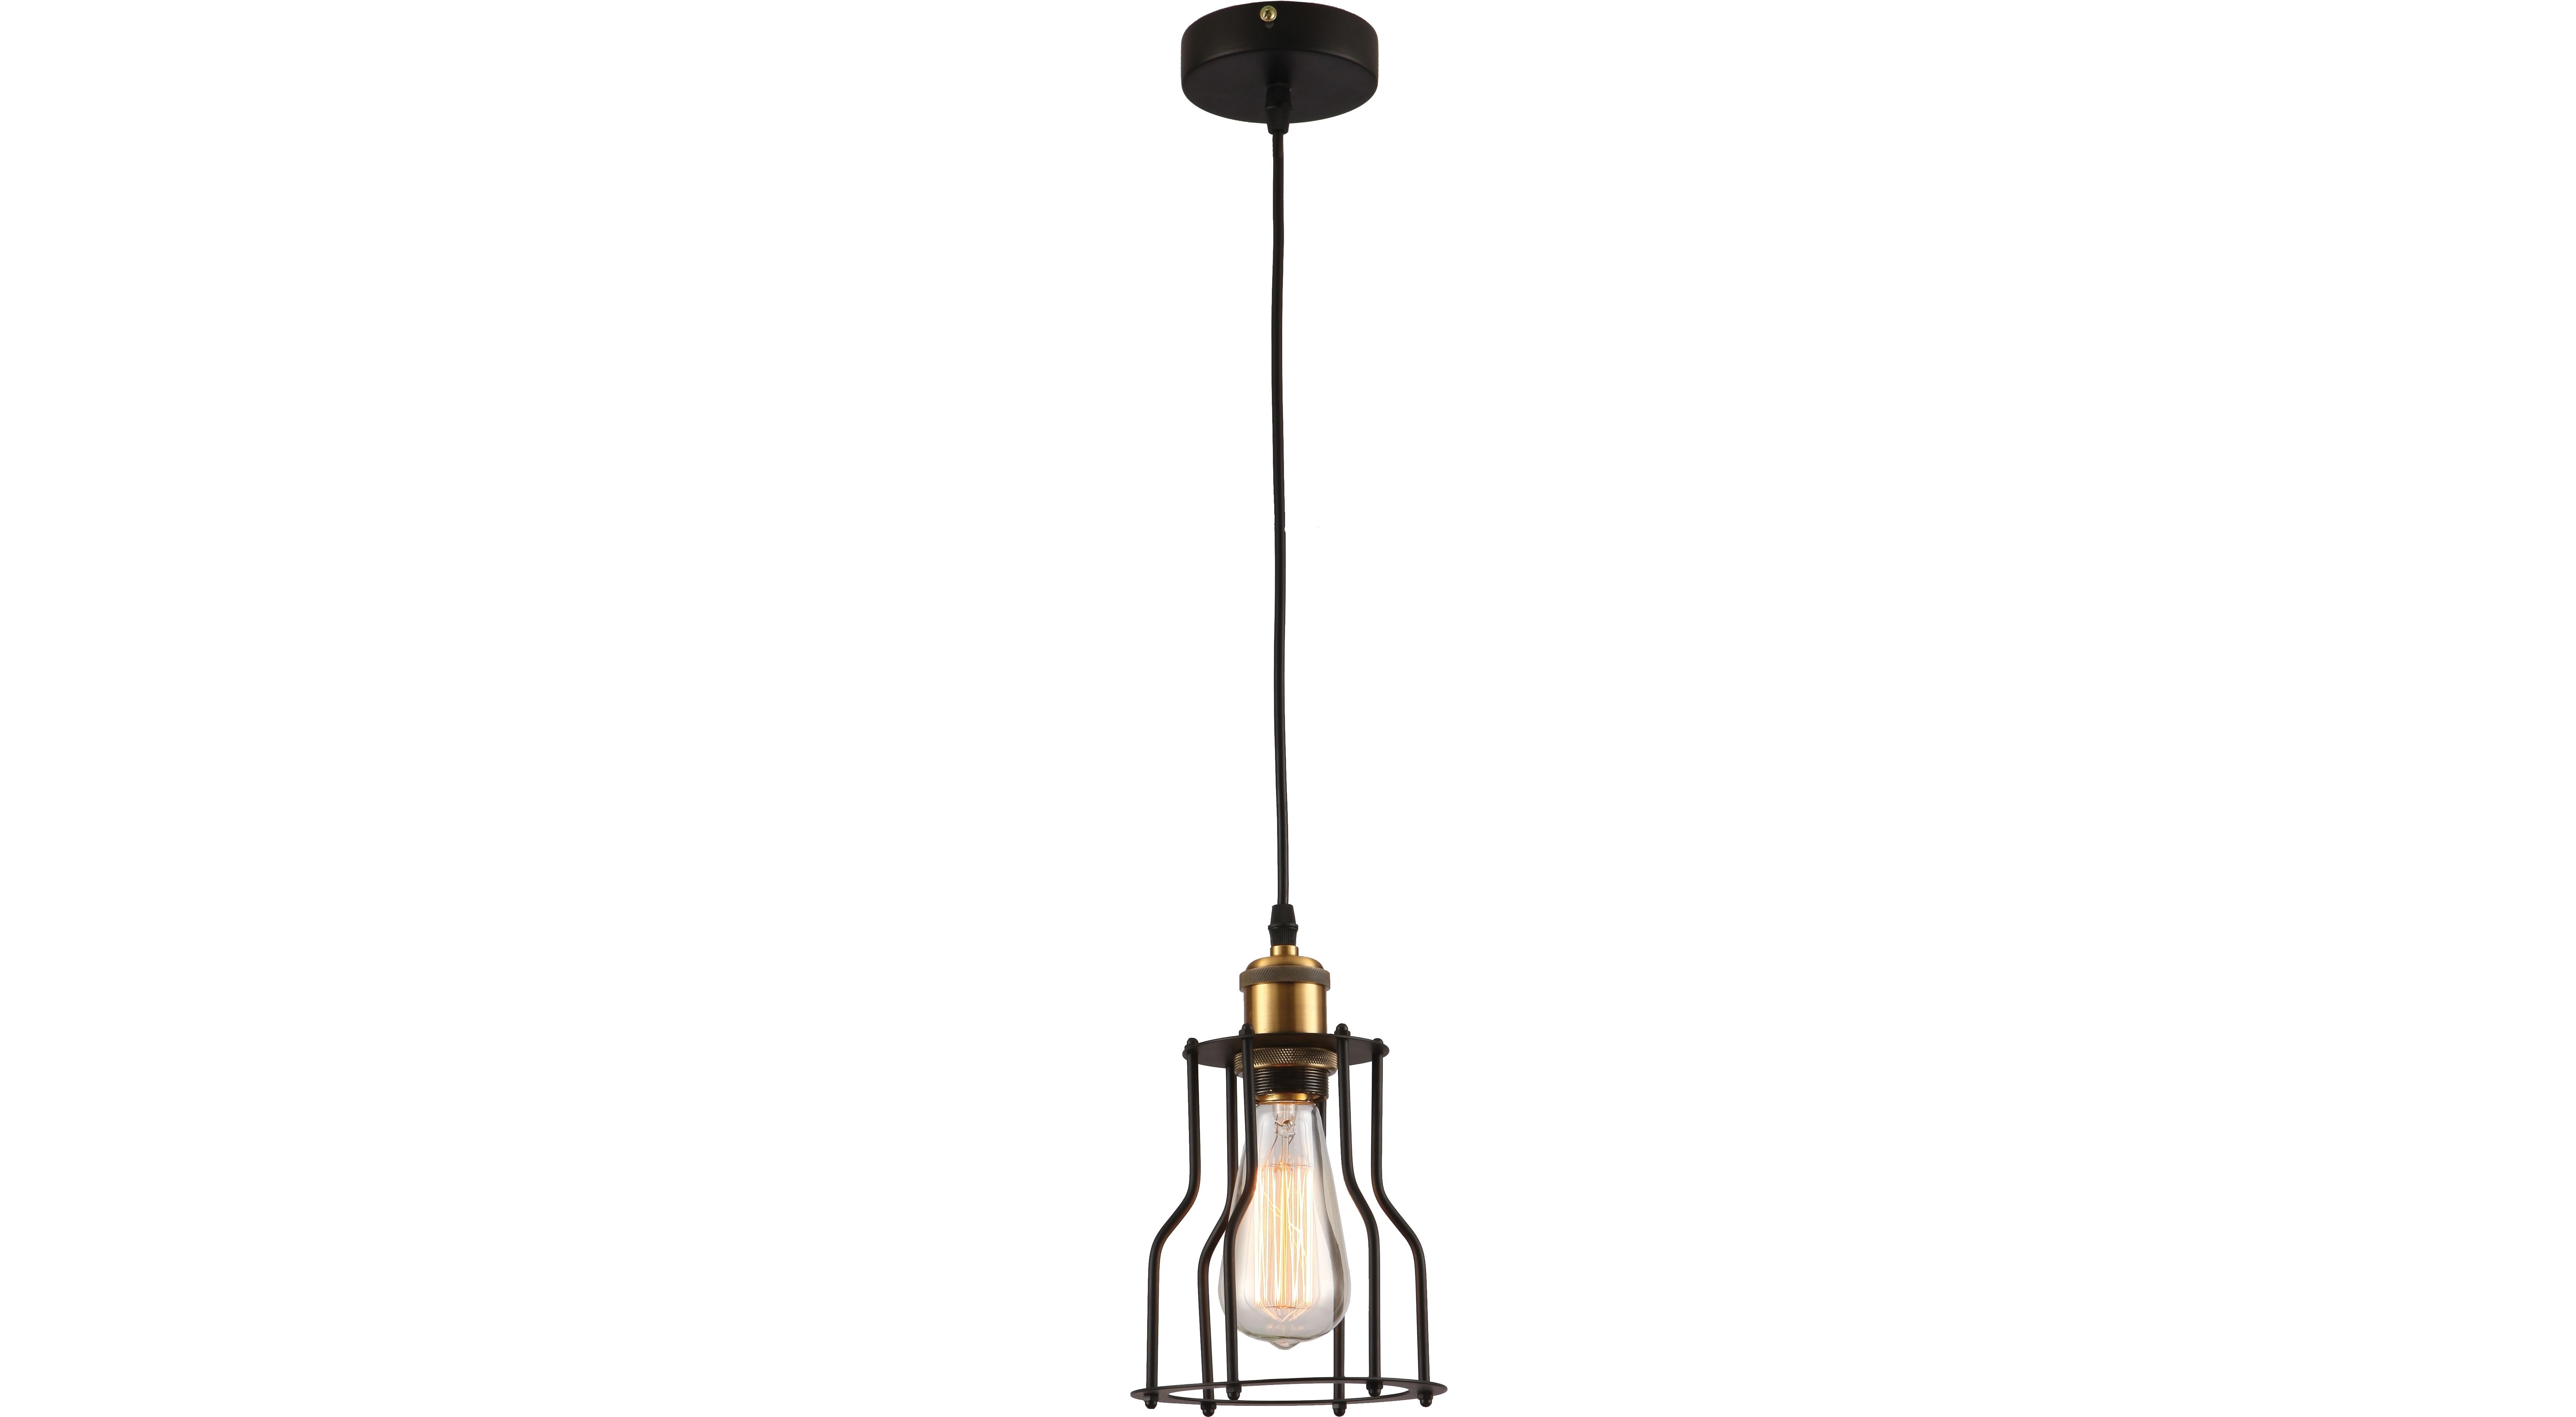 Подвесной светильникПодвесные светильники<br>Материал: металл<br>Лампочки в комплекте: 1*60W<br>Цоколь: E27<br>Цвет: черный, золото<br><br>Material: Металл<br>Высота см: 120